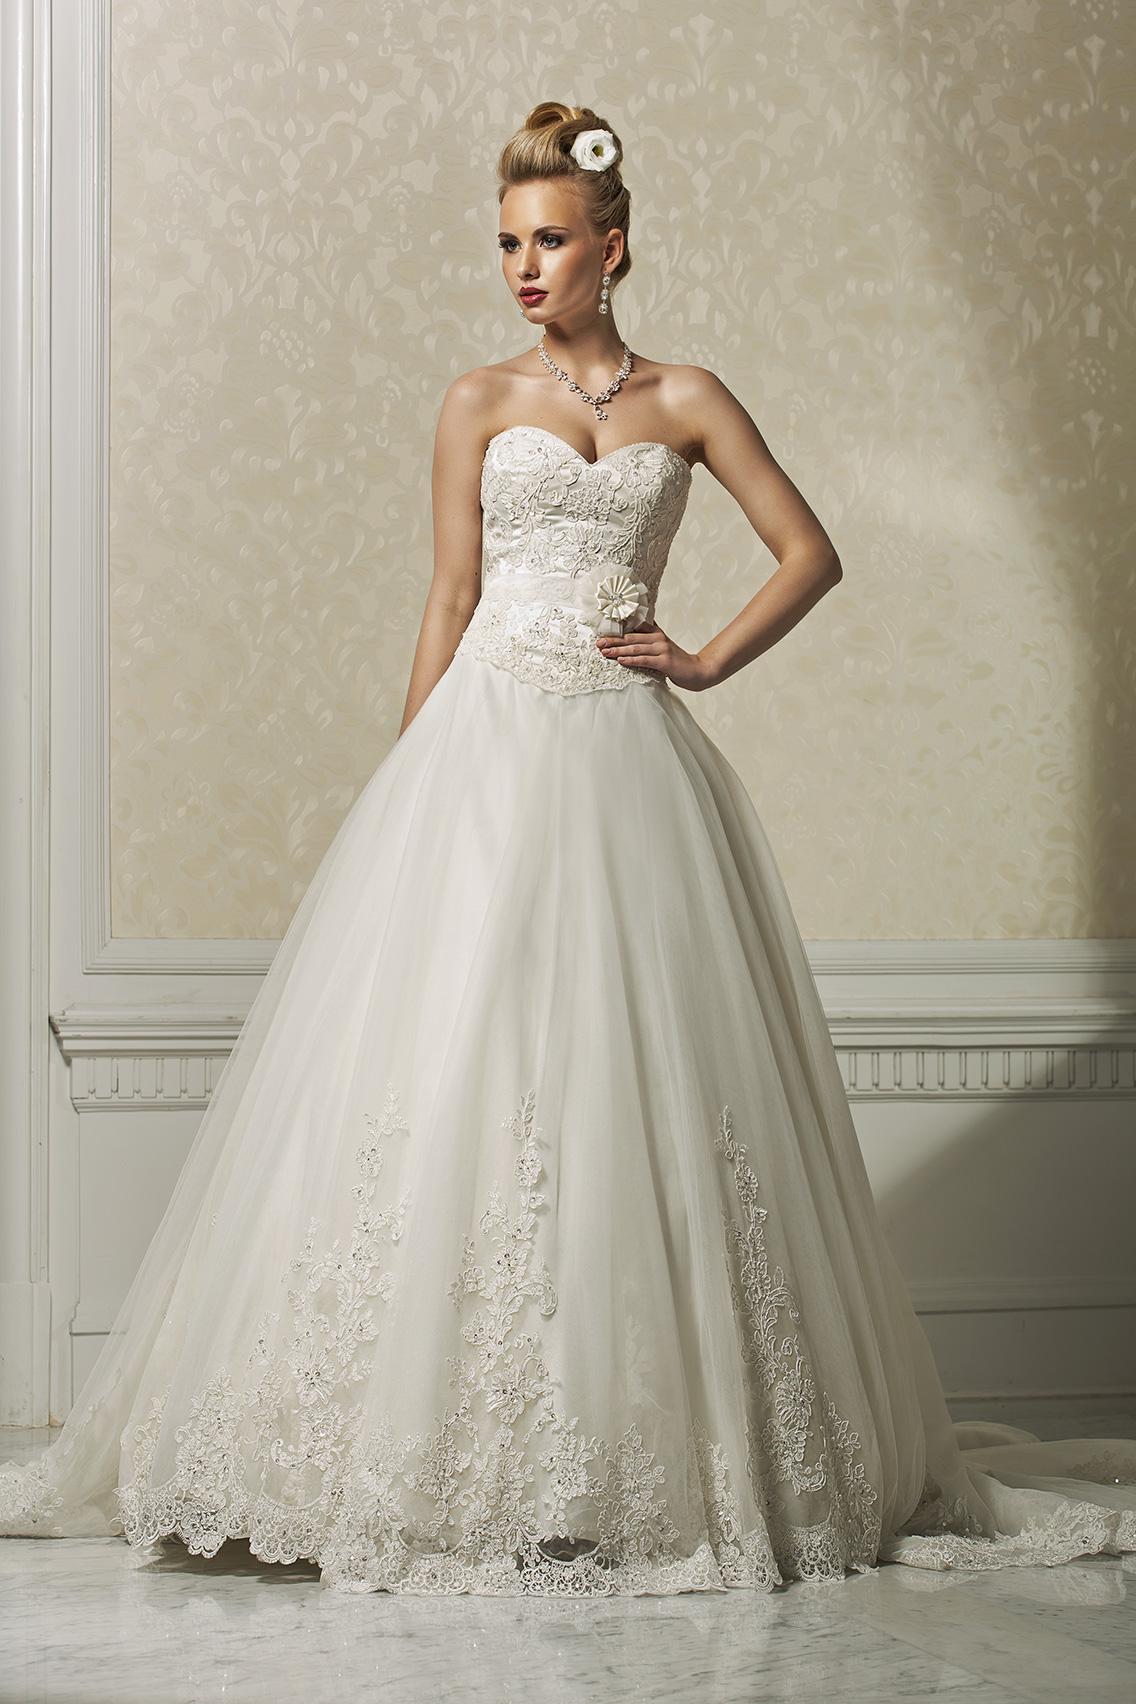 f946c188d7d5 lalla- abito da sposa modello principessa con con corpetto aderente  ricamato con strass pizzo e perline e gonna vaporosa